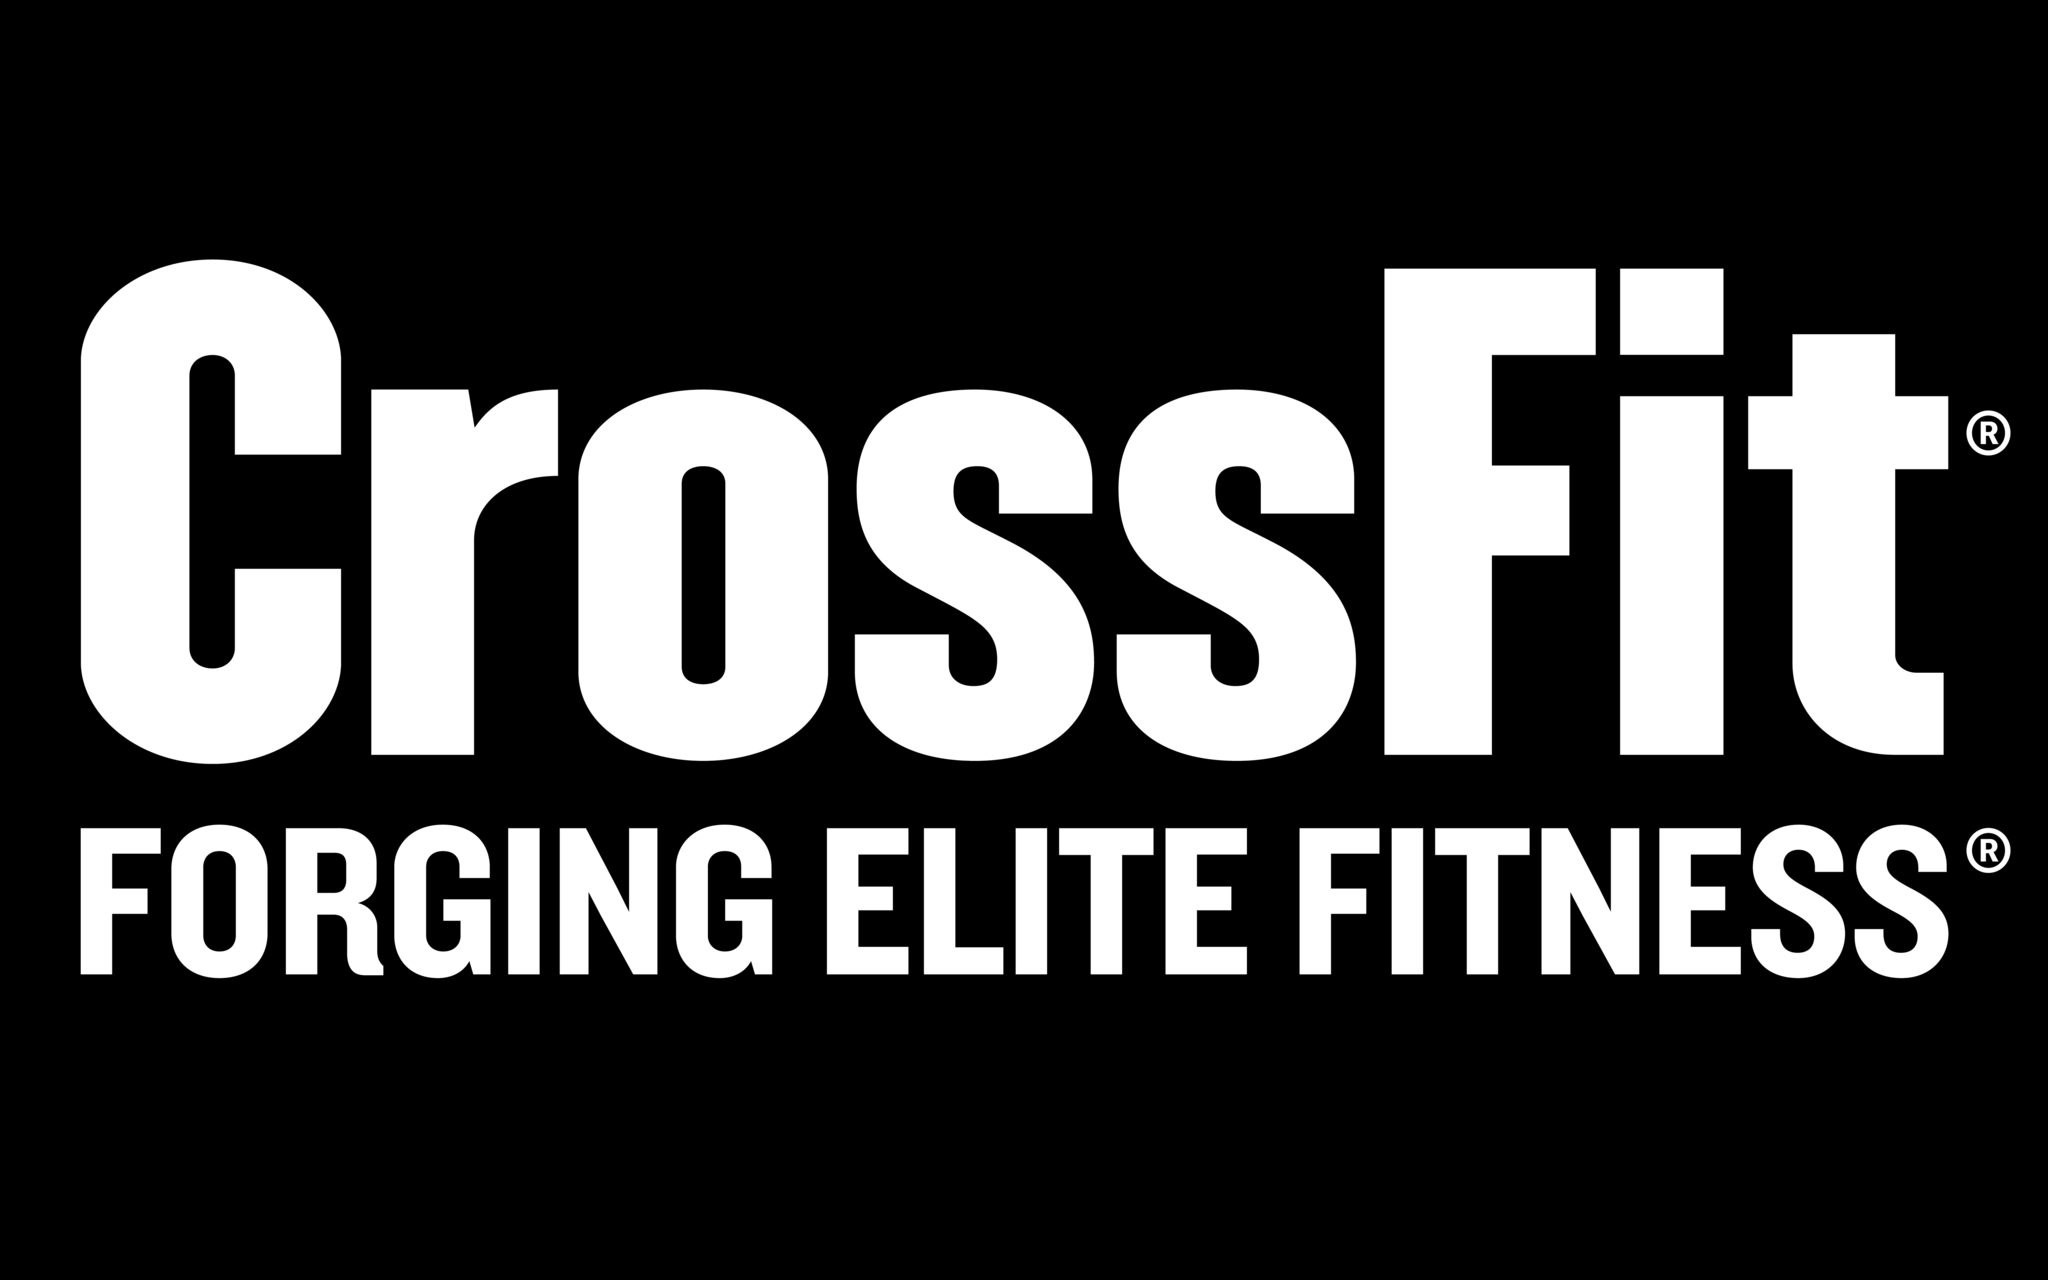 logo de crossfit.png